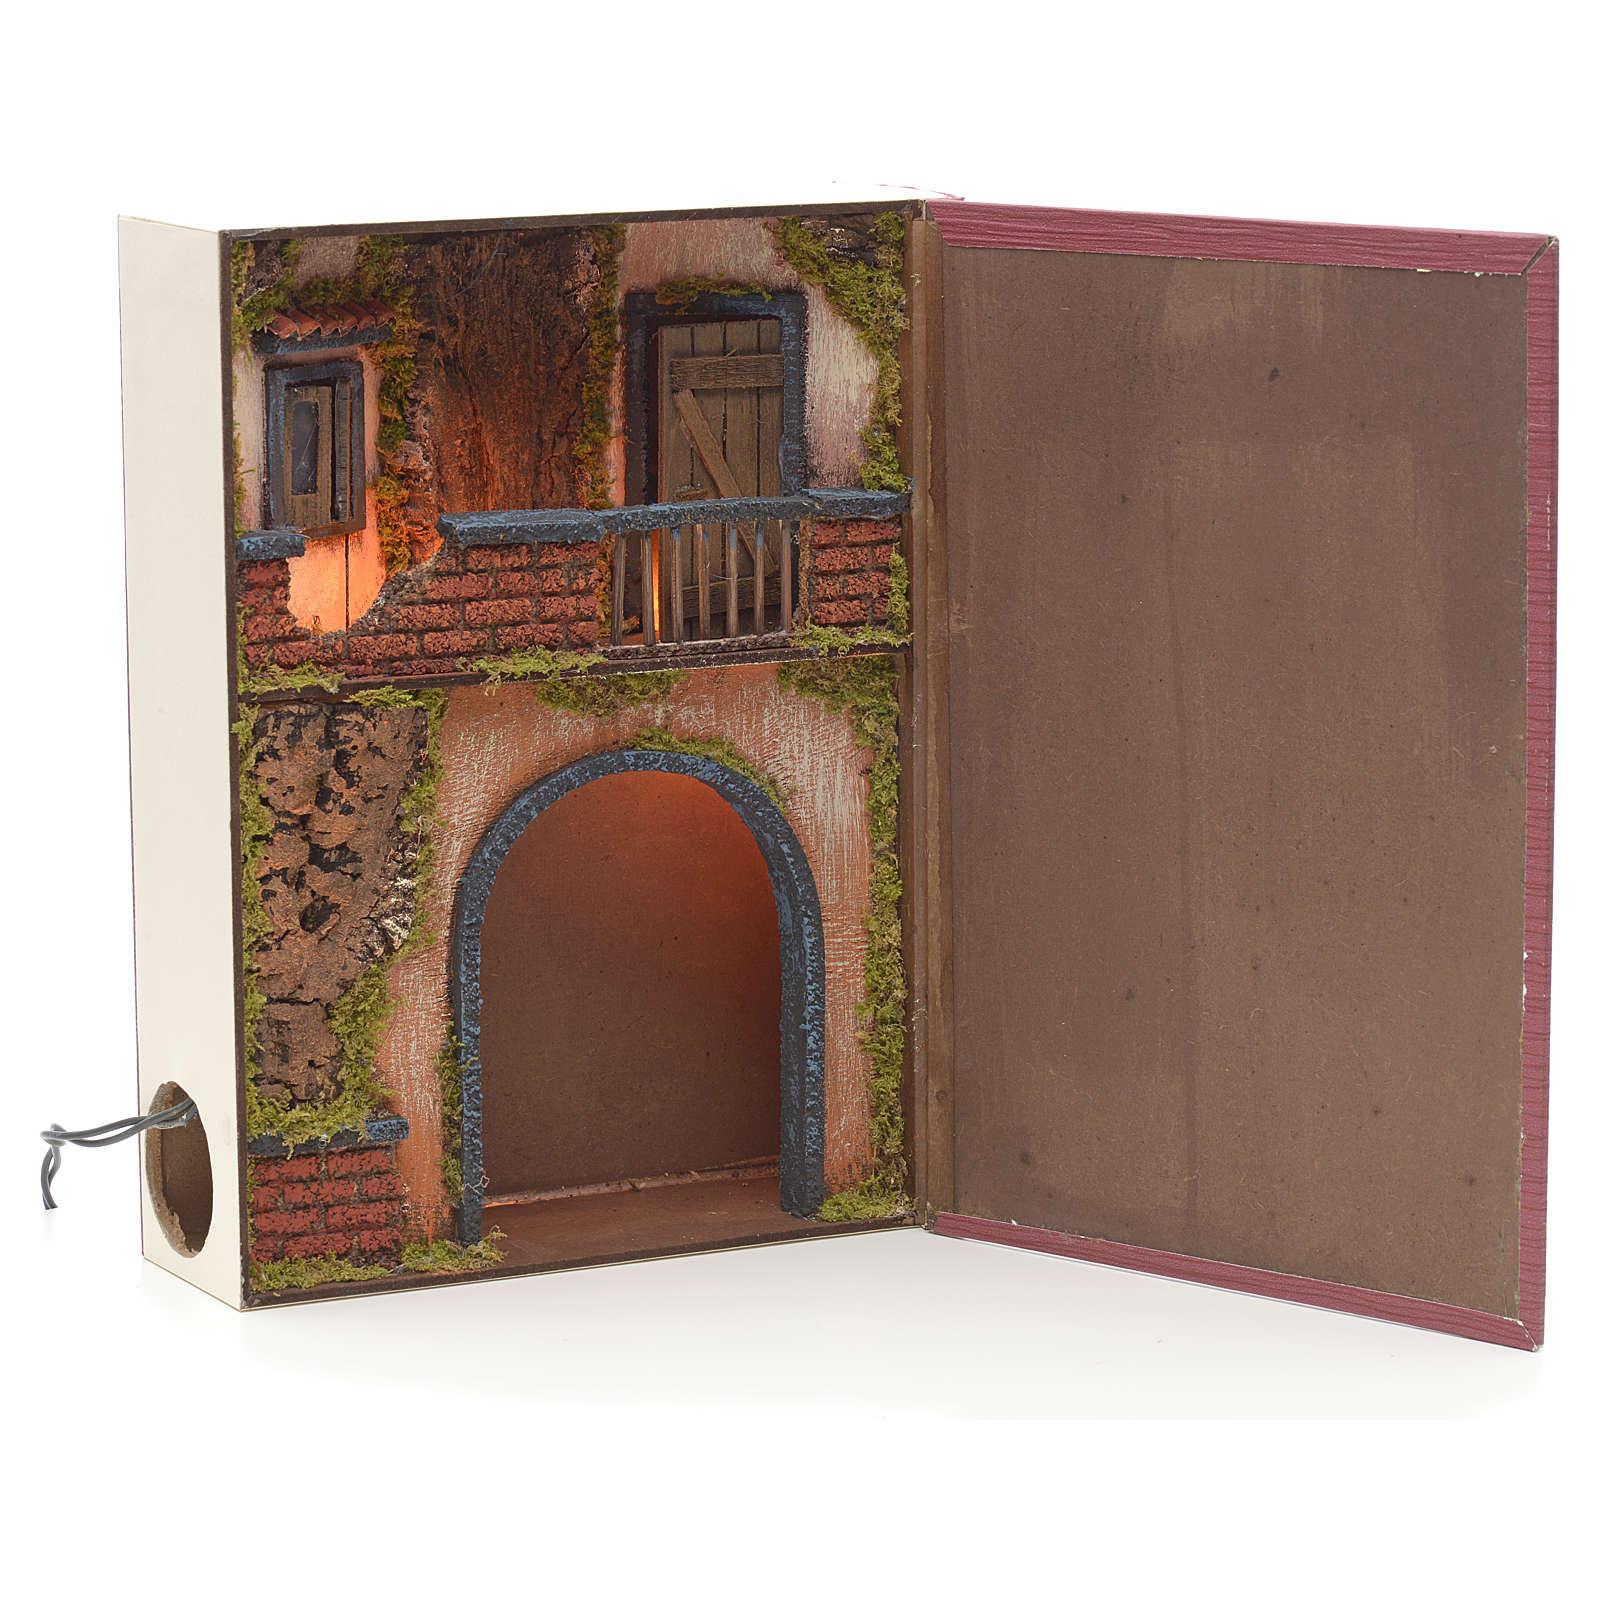 Borgo illuminato con balcone e grotta in libro 30x24x8 cm 4